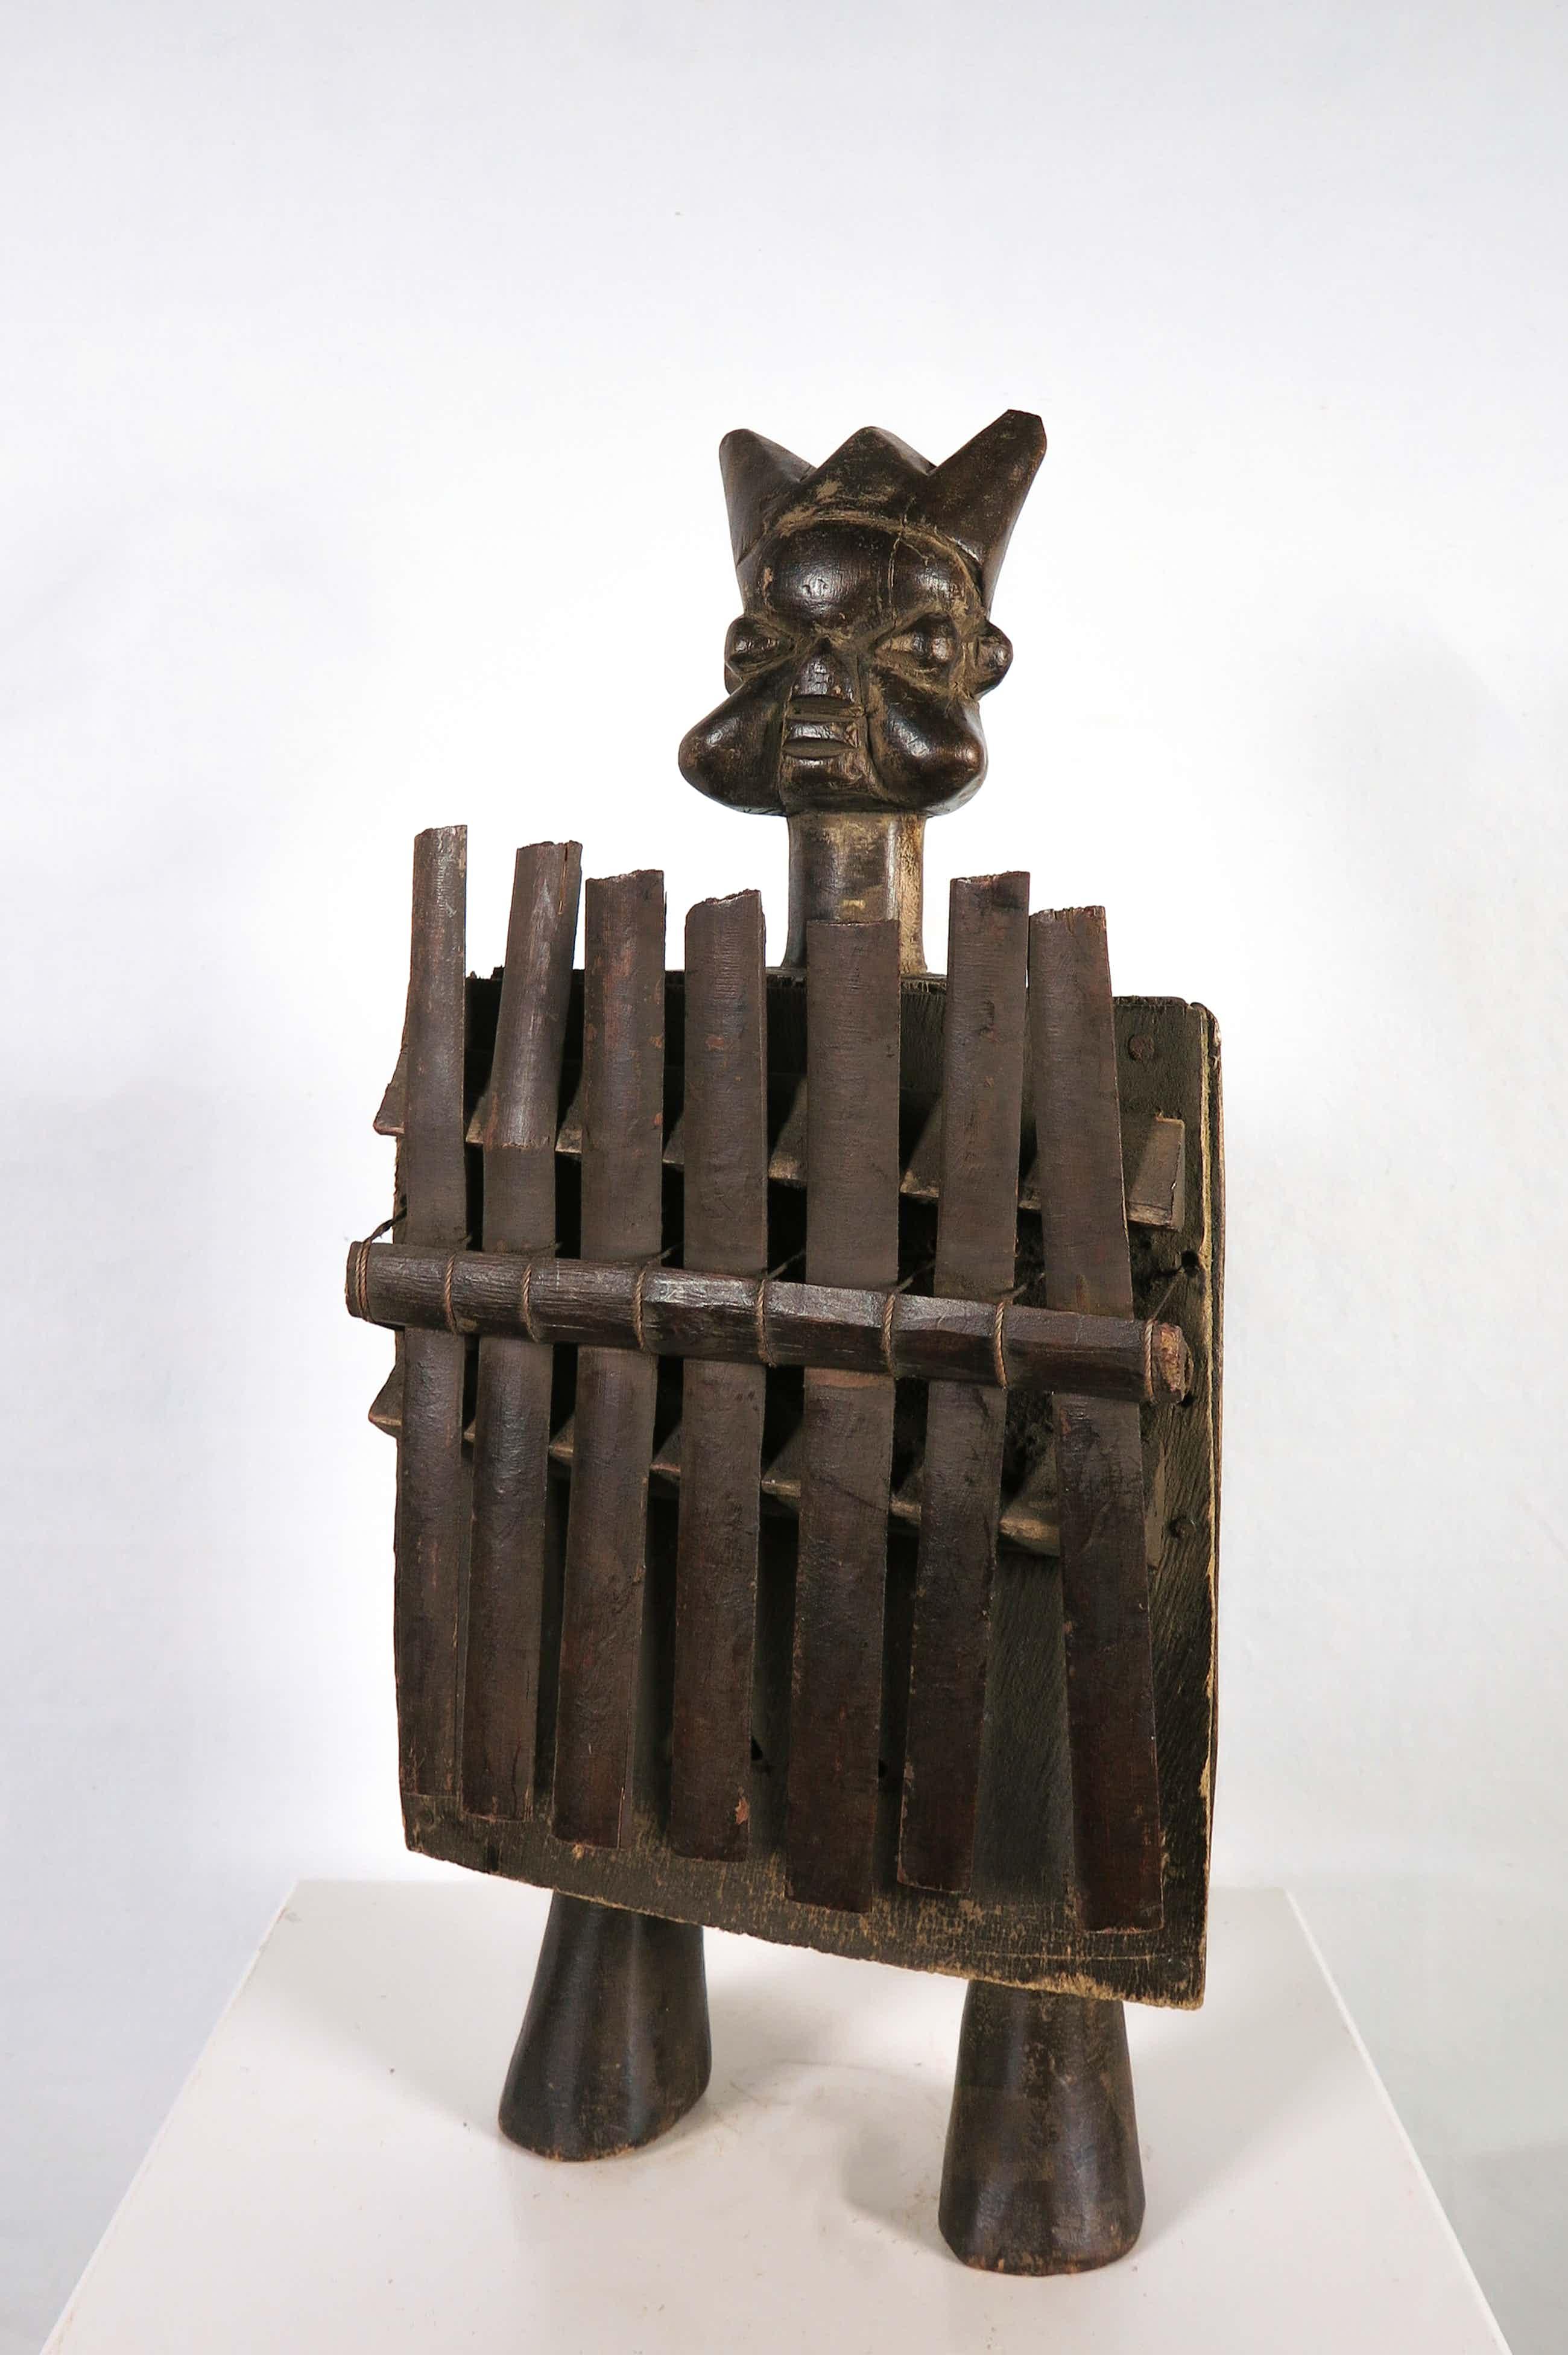 Luba - Sanza muziekinstrument met halfronde klankkast en bamboe tongen kopen? Bied vanaf 20!